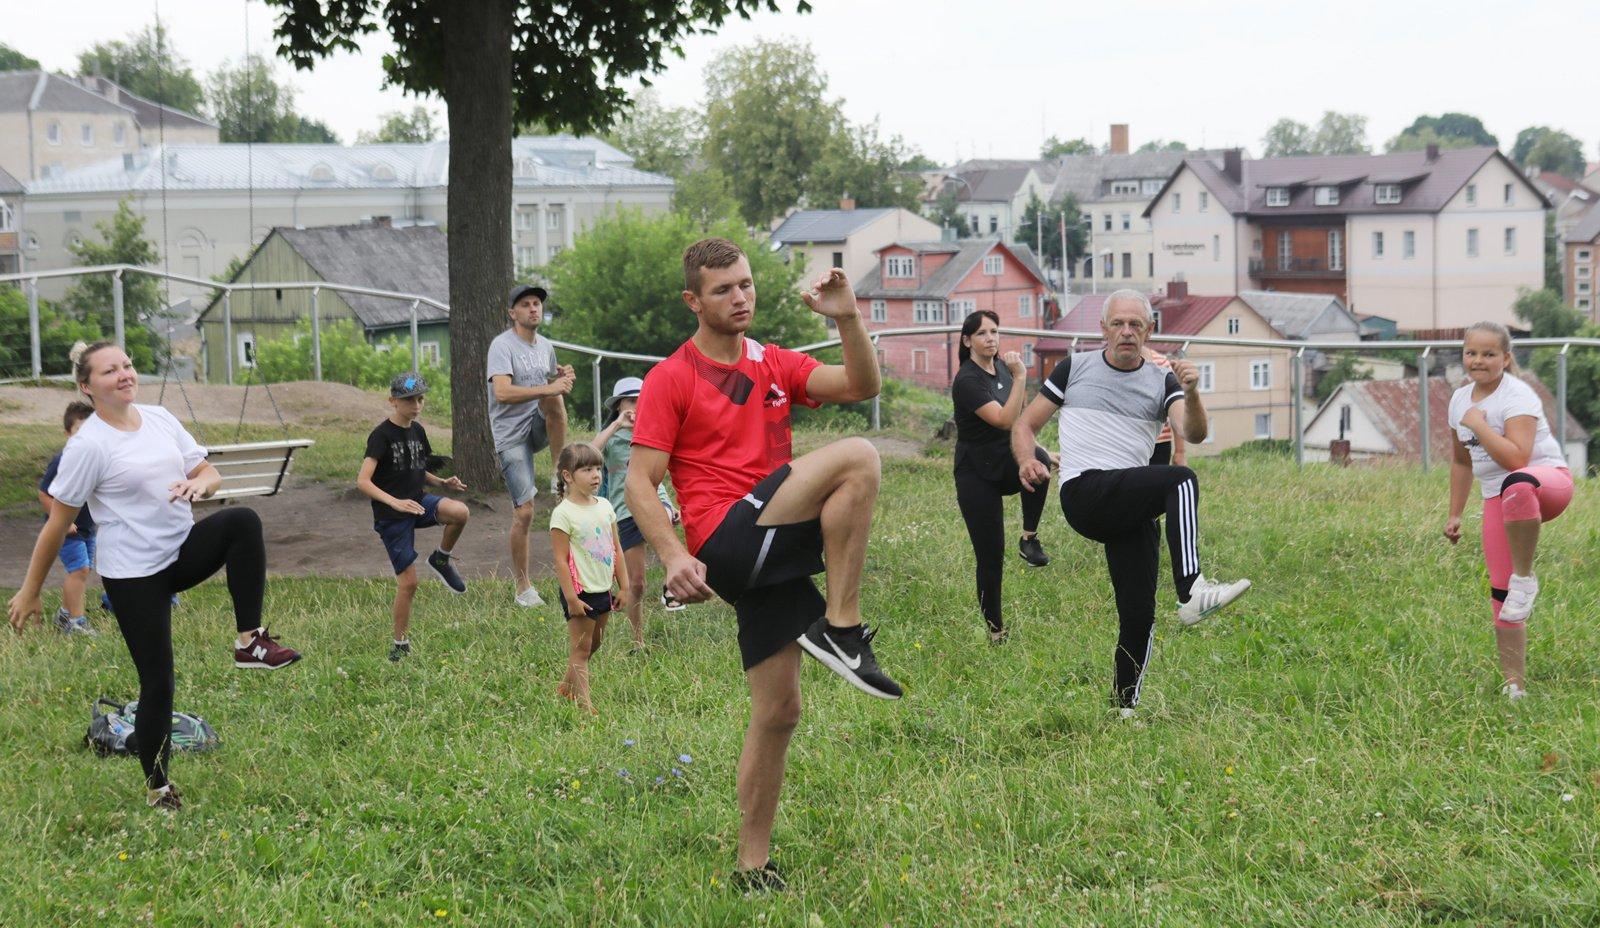 Ant Ukmergės piliakalnio – rytinė mankšta su žinomais sportininkais